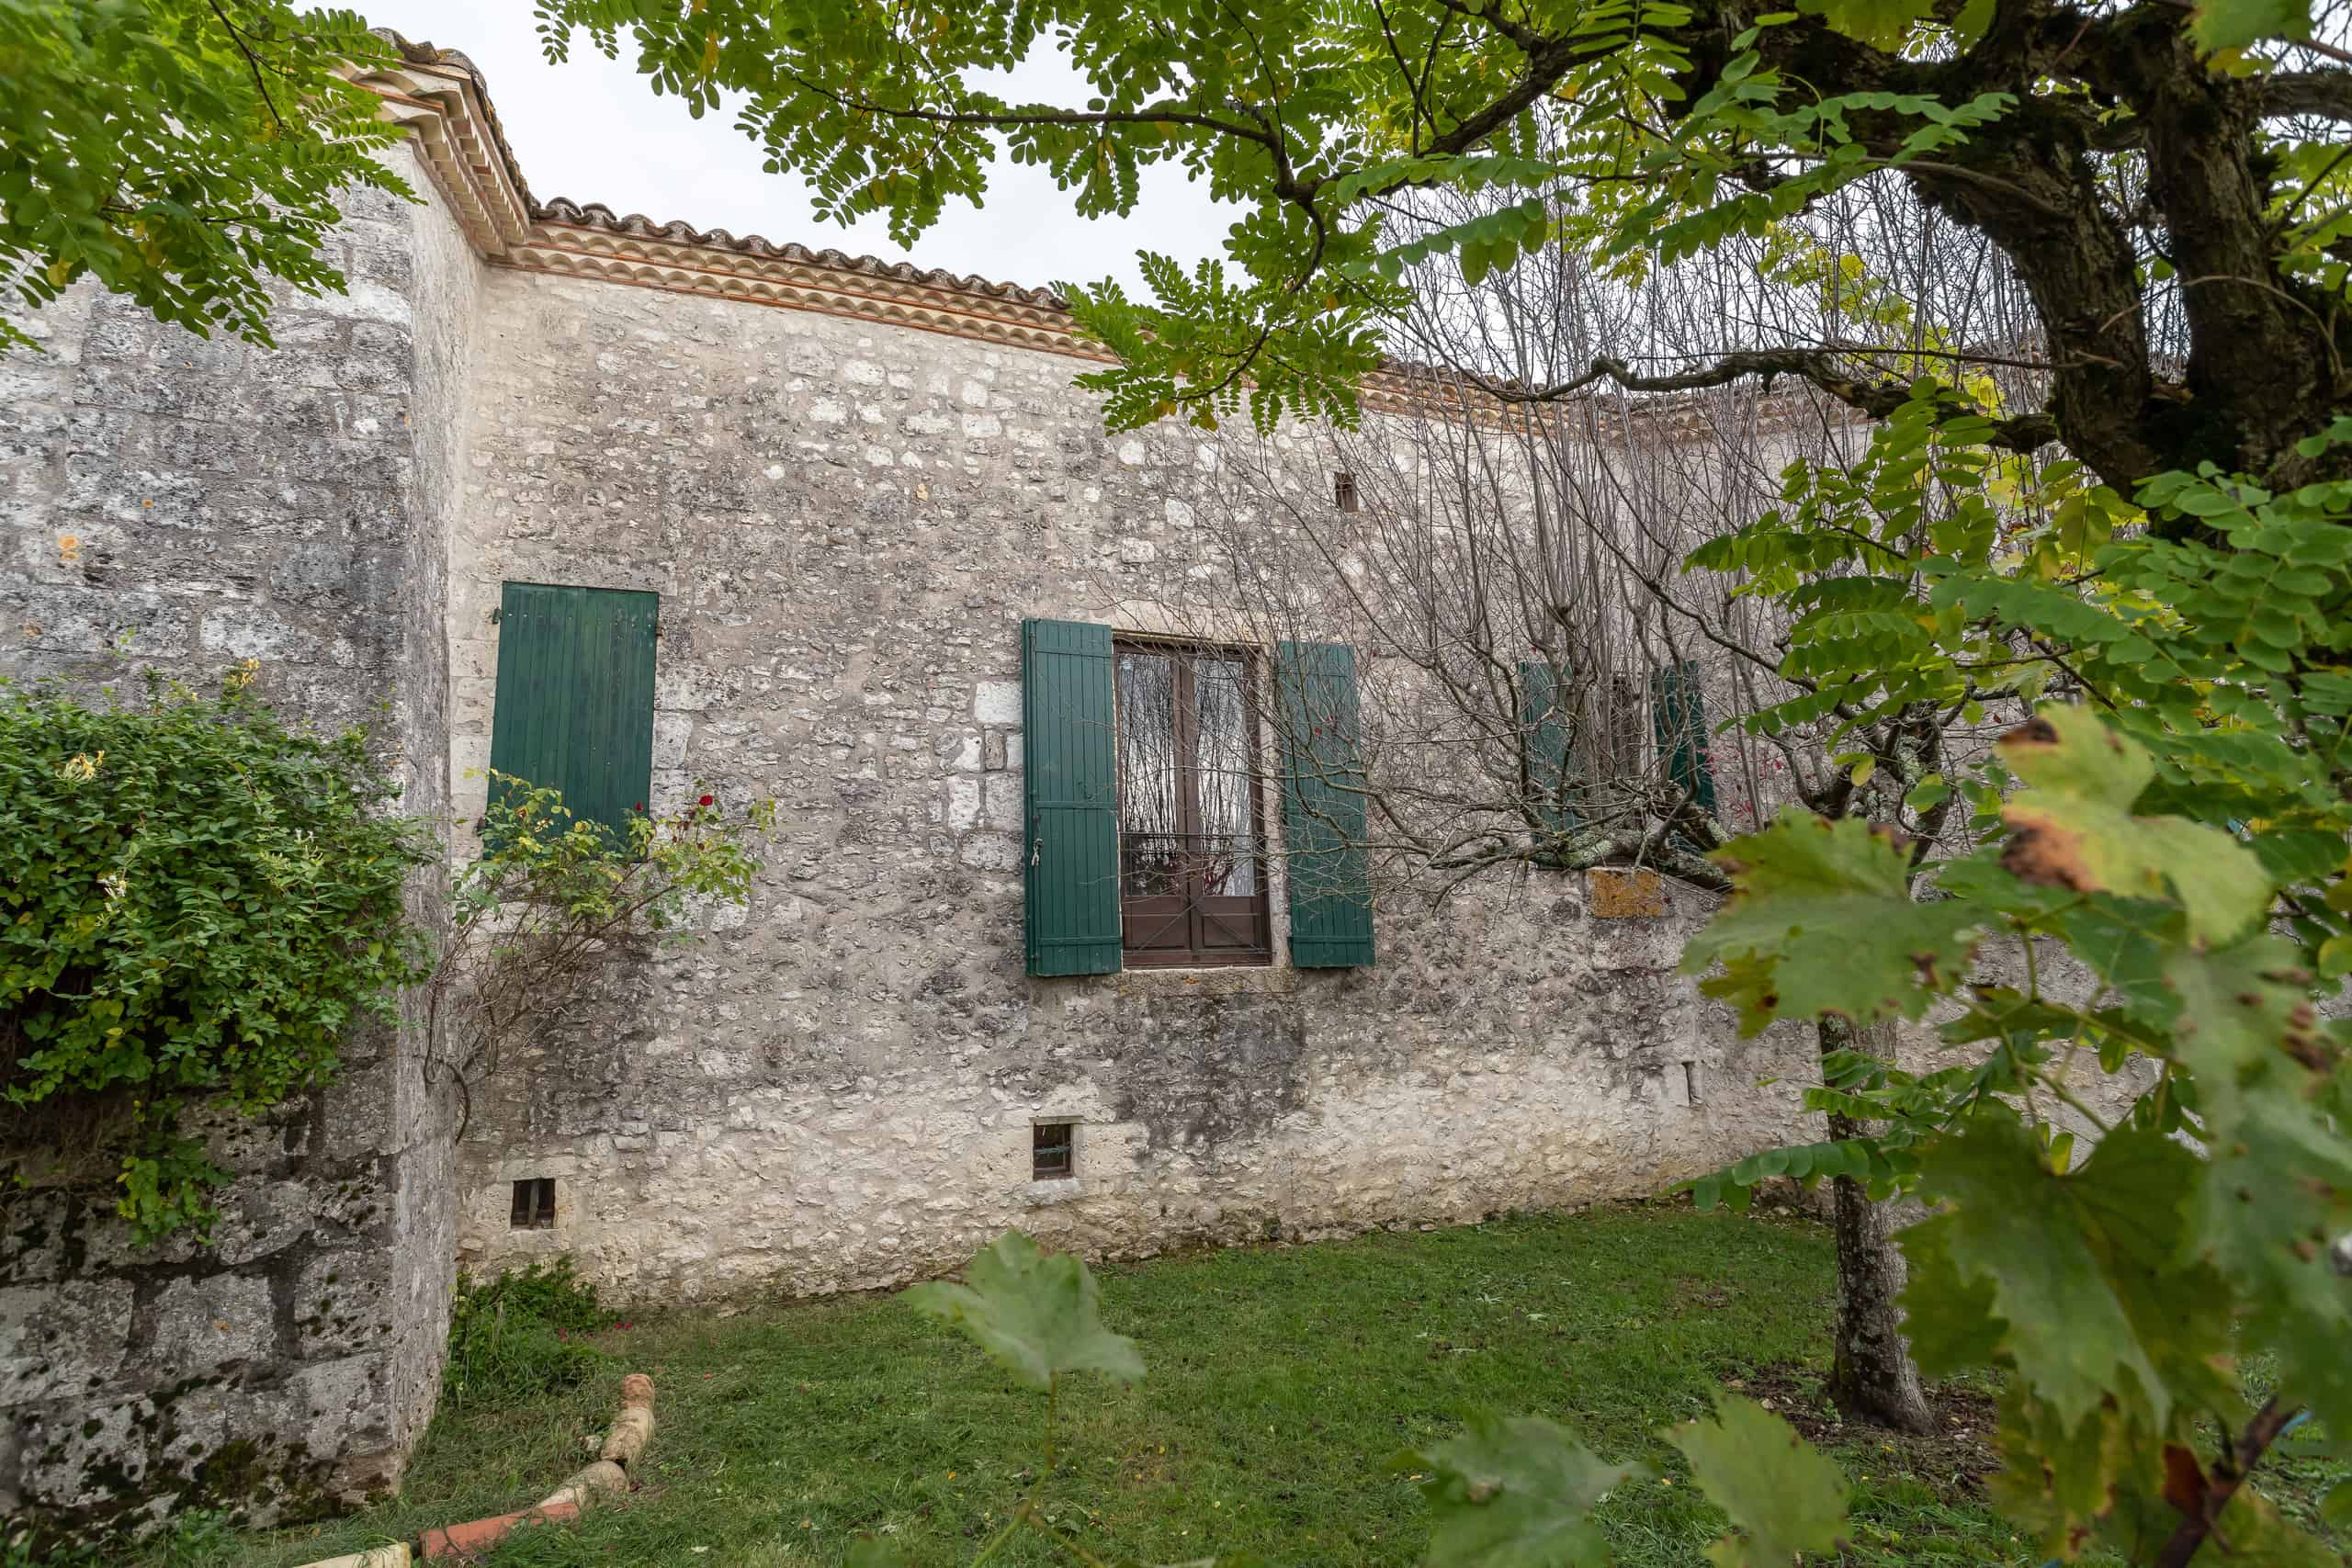 stone house in quiet village garden